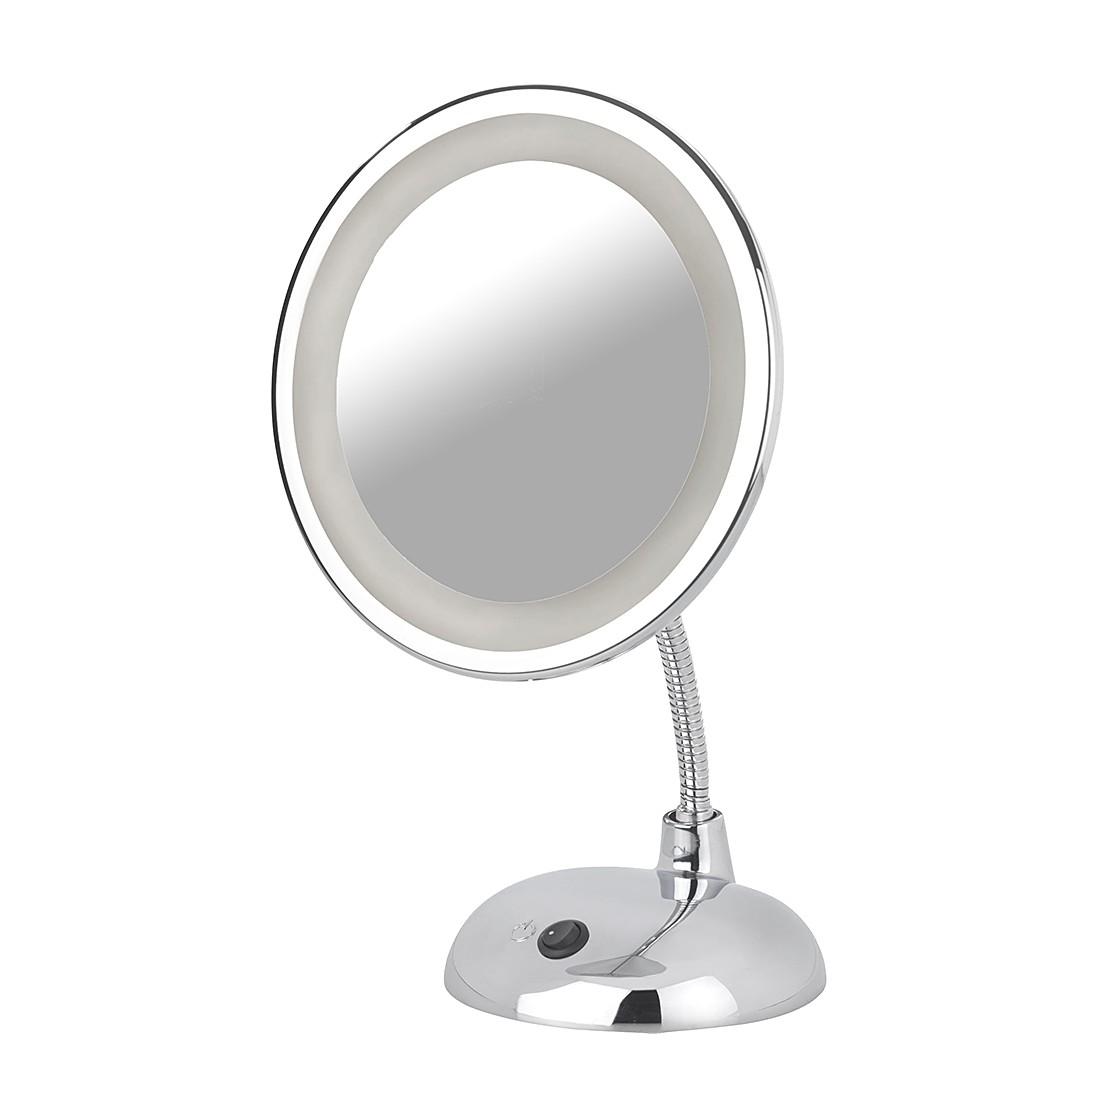 LED cosmetica spiegel Style 3 voudige zoom   chroomkleurig_ Wenko